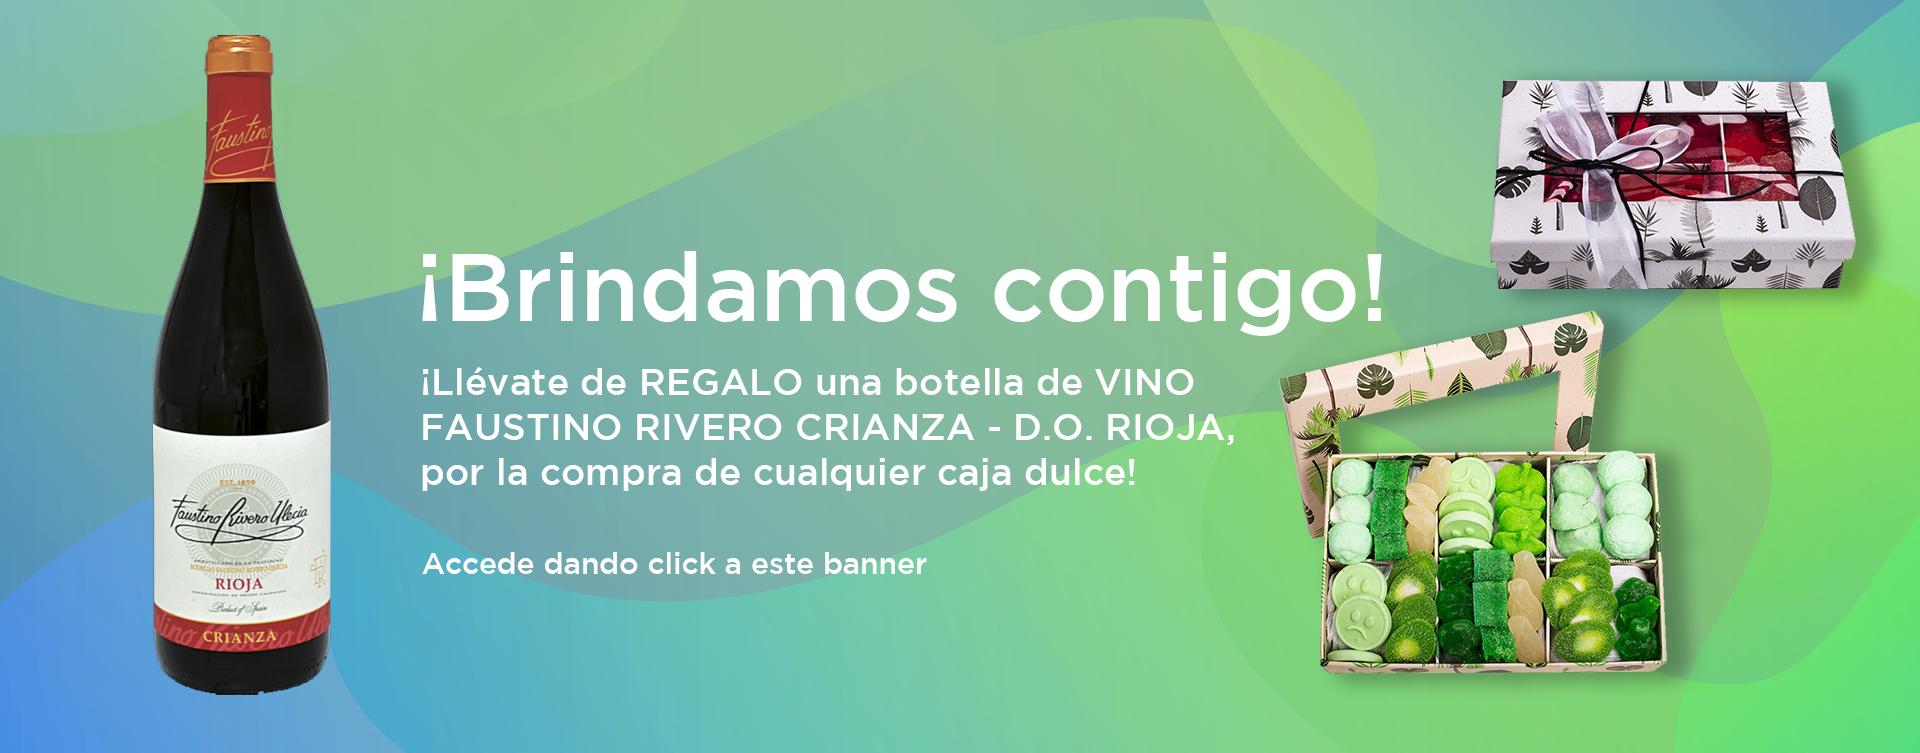 Banner gologuinda 3